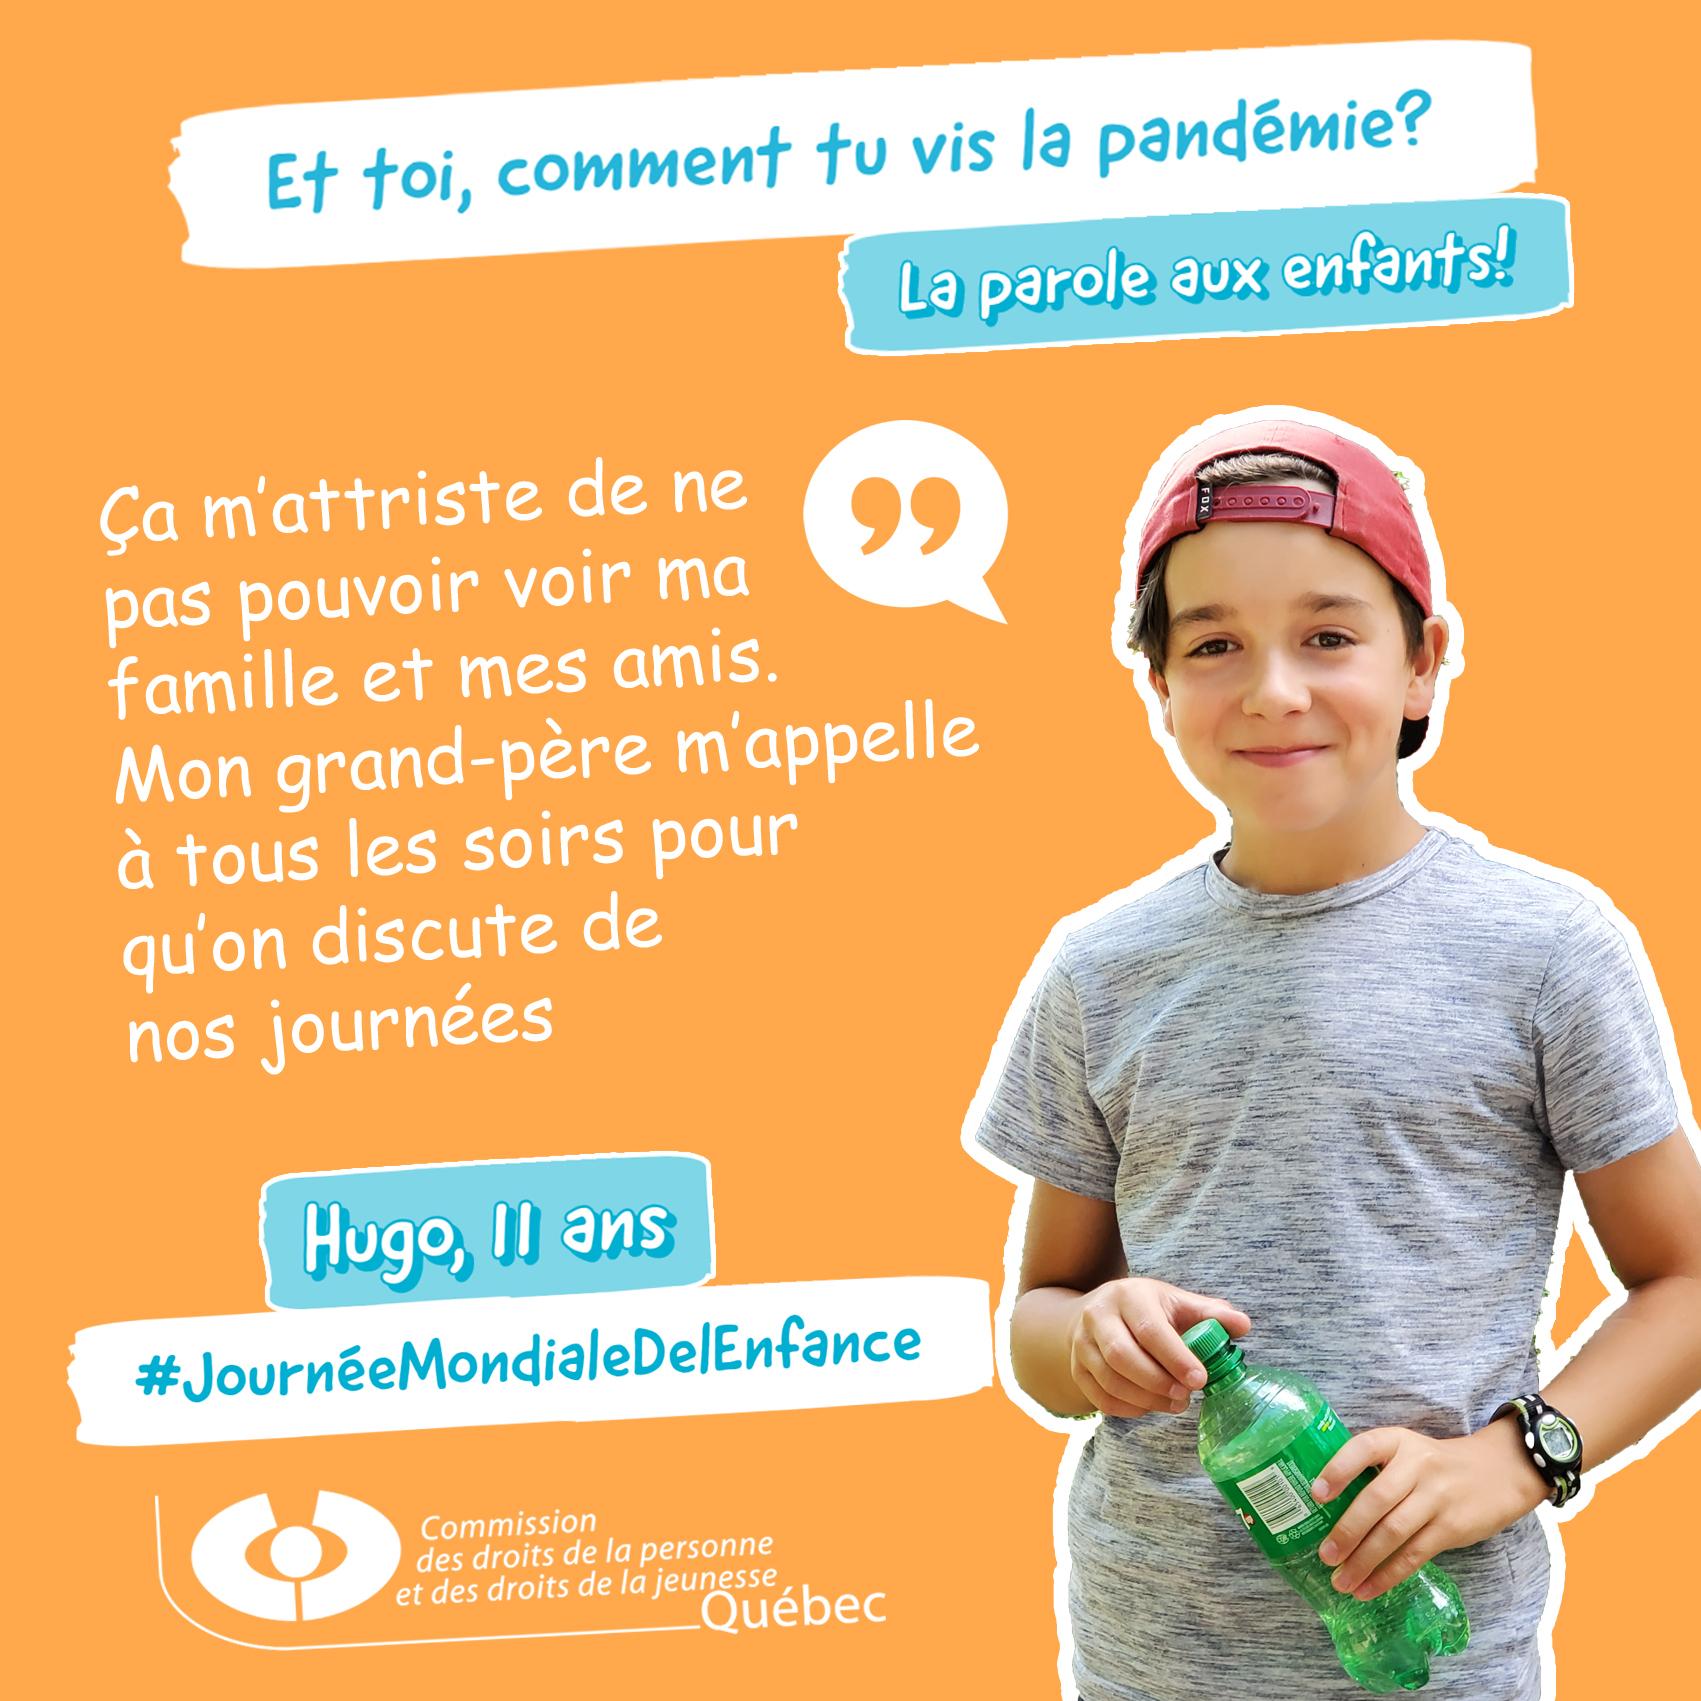 Photo et citation de Hugo qui répond à la question Et toi, comment tu vis la pandémie?